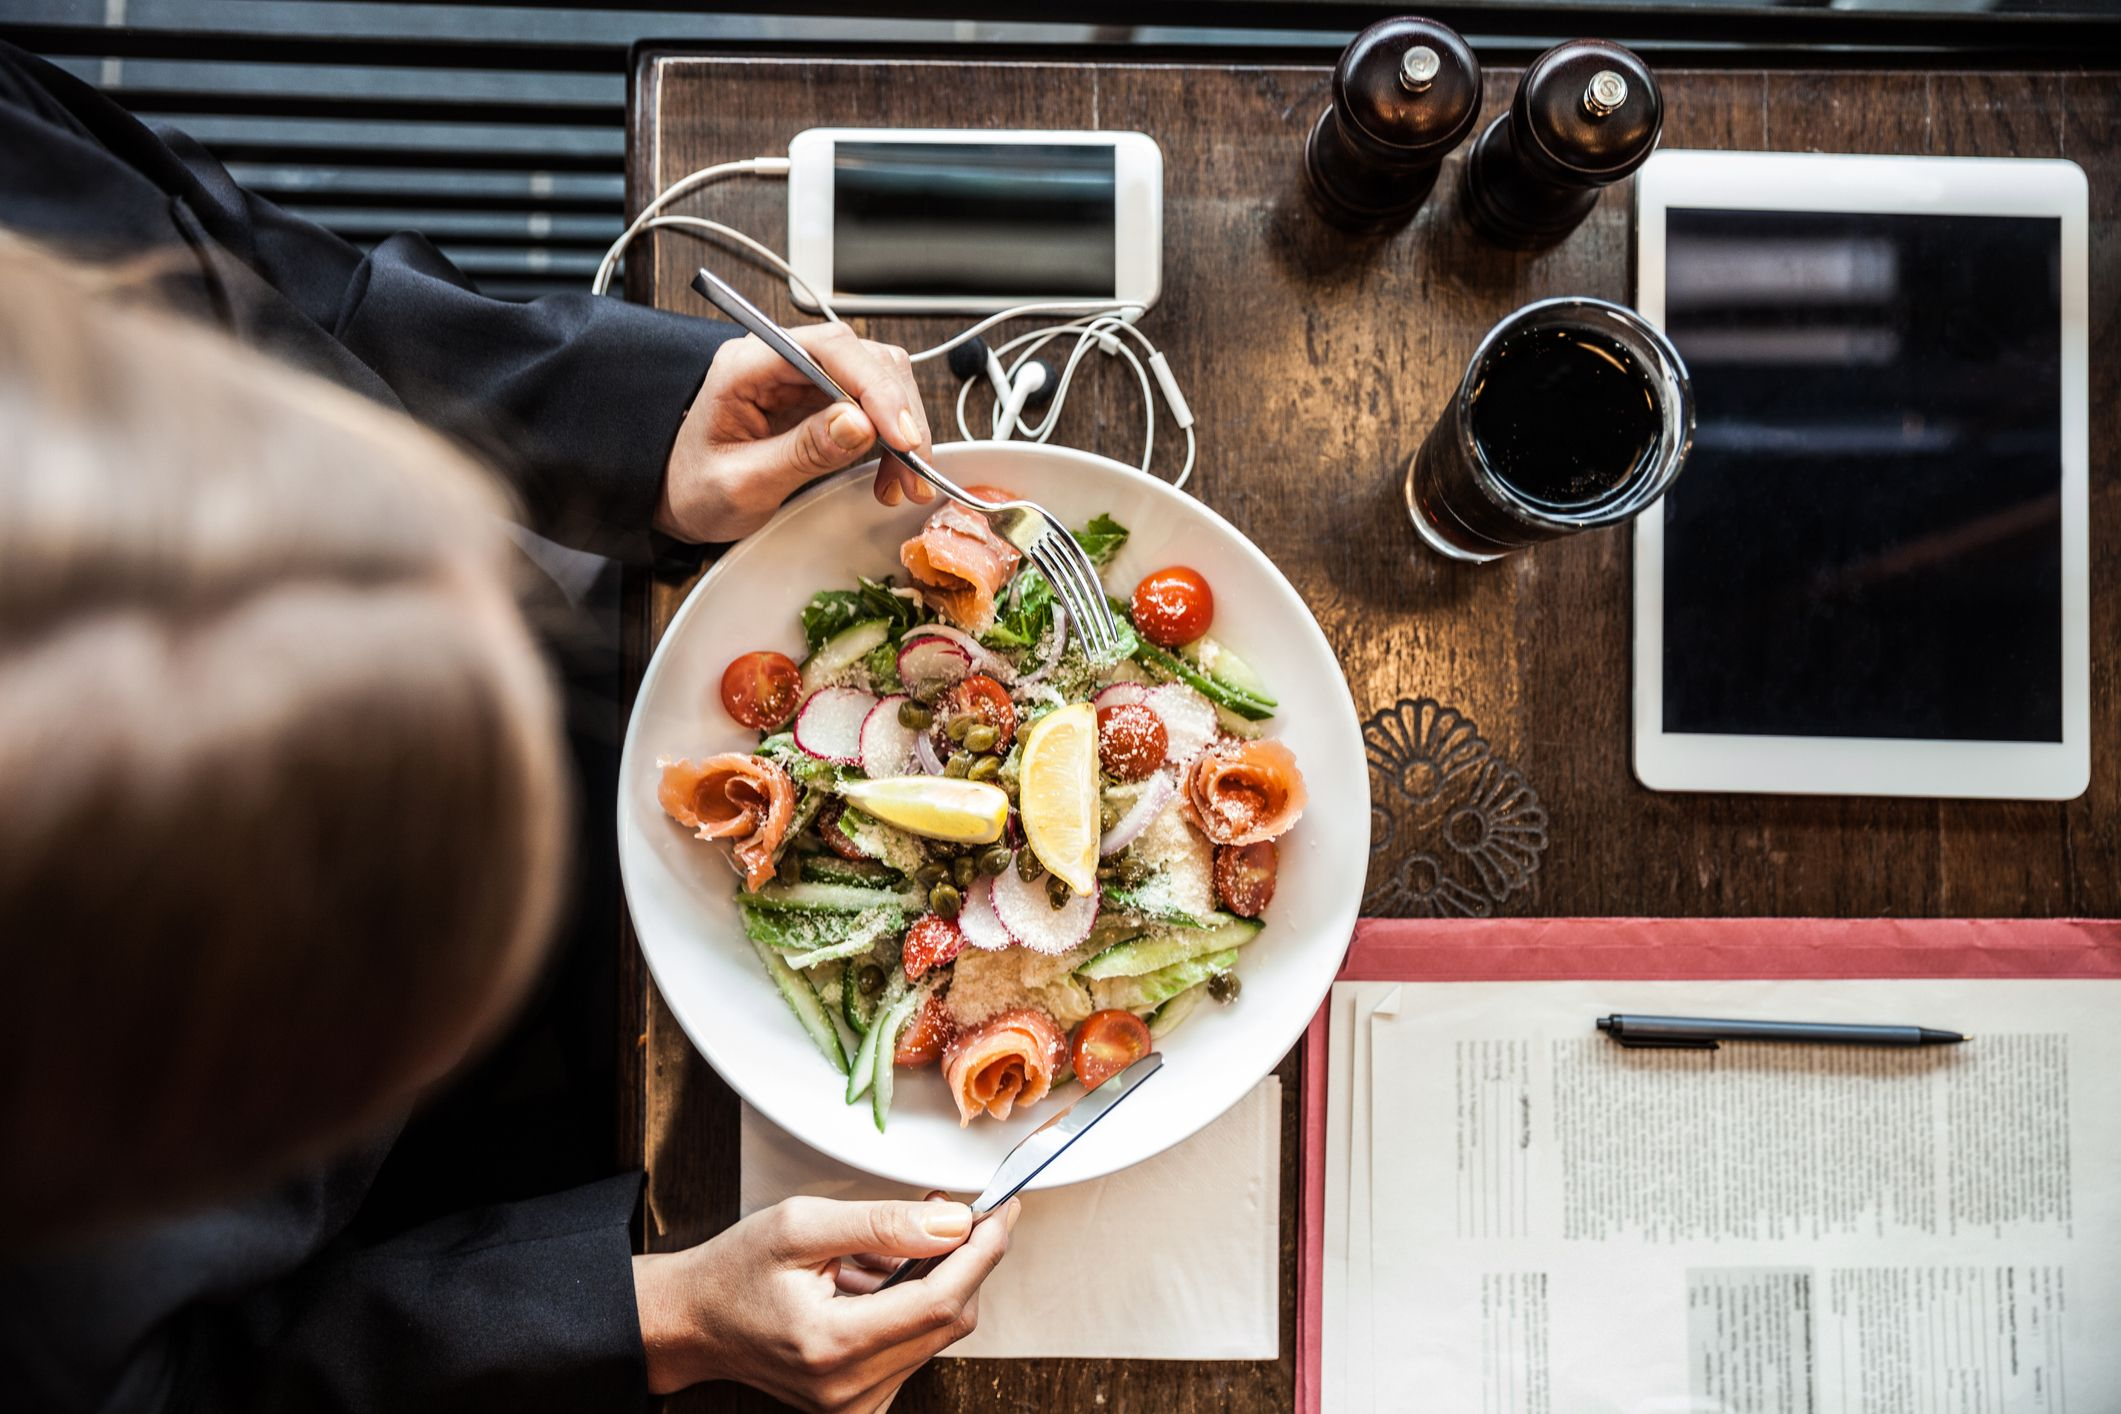 enkele salade online dating Down dating app instructies